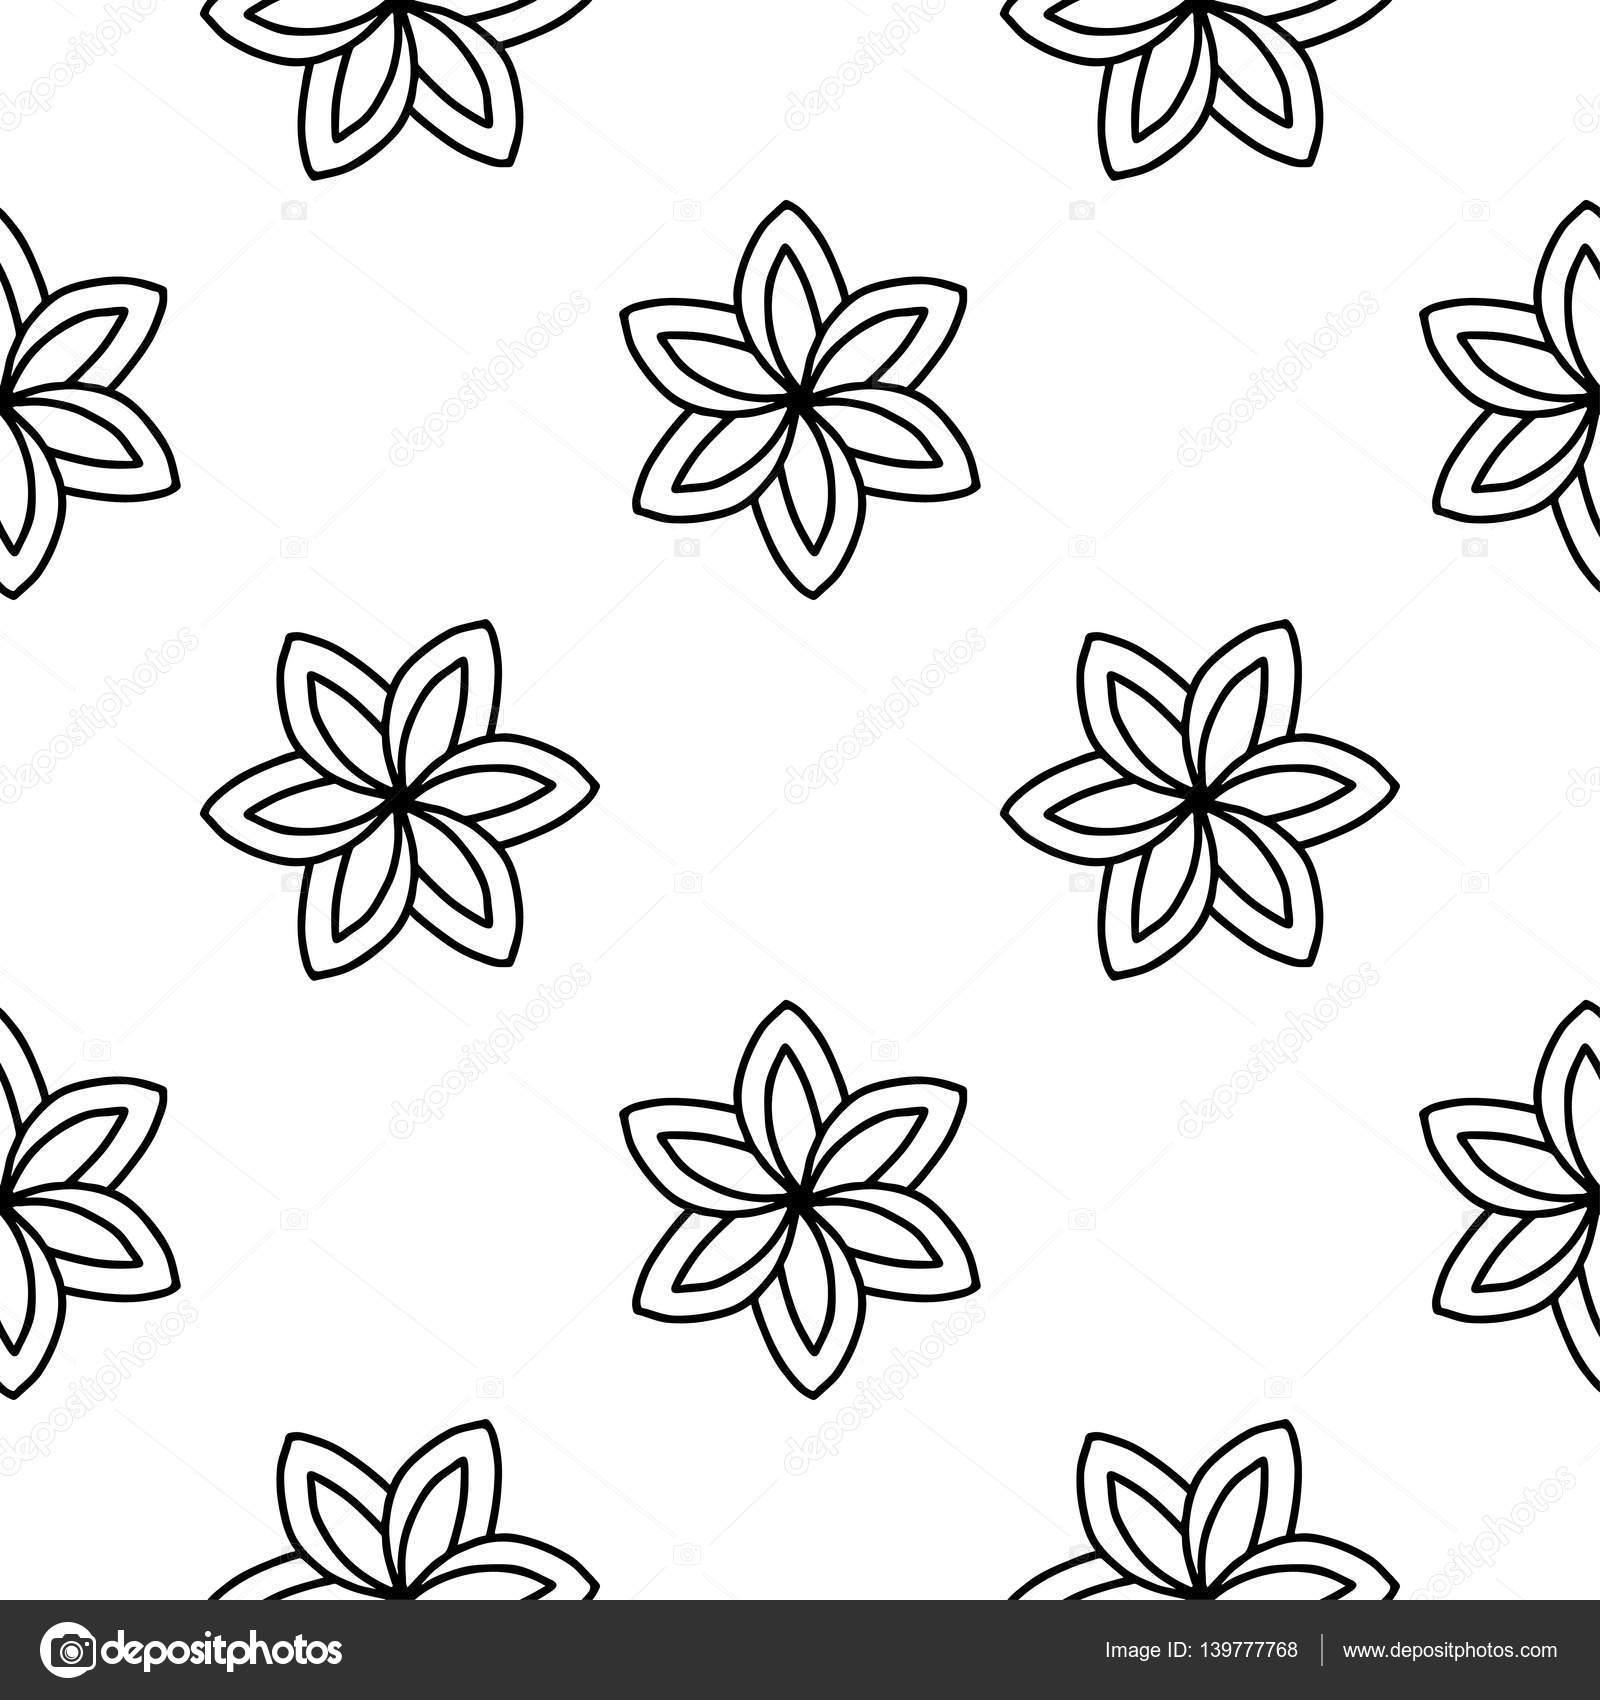 Boyama Kitabı Doodle Vektör çiçek Deseni Stok Vektör Helenf